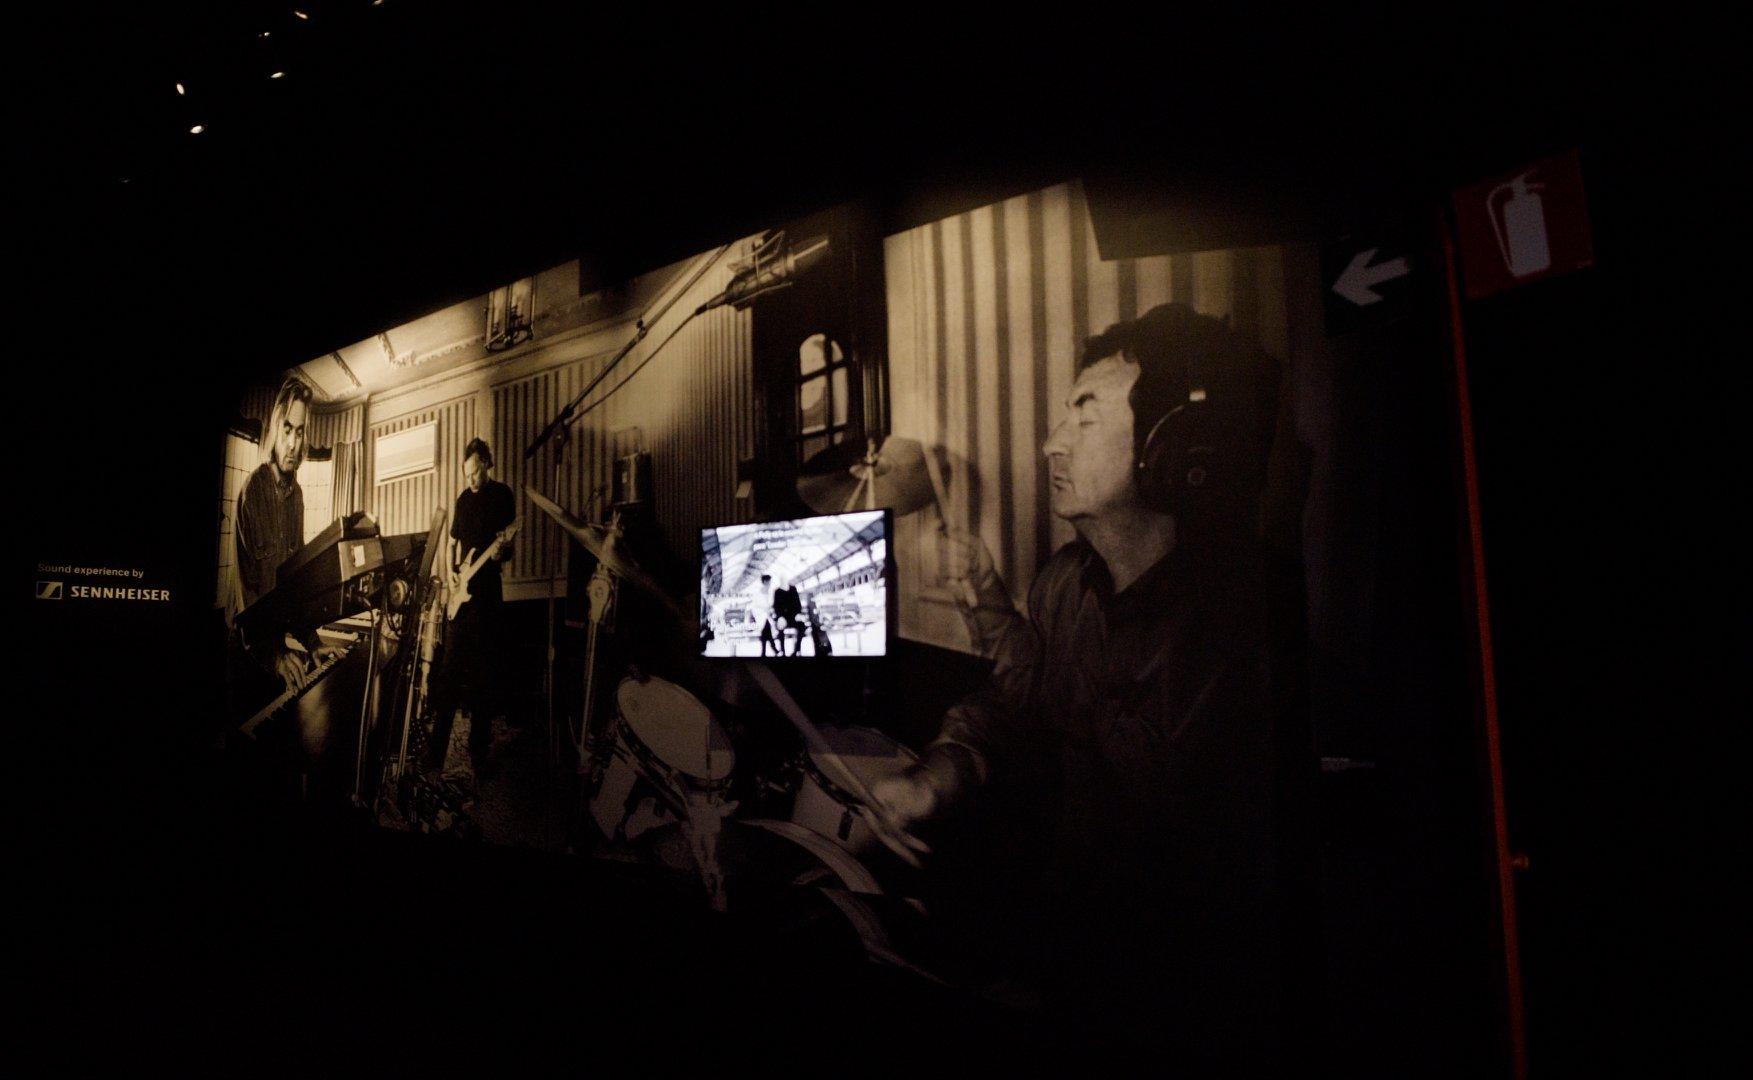 Multimedialer Ausstellungsbau mit modularen Wänden von Mila-wall